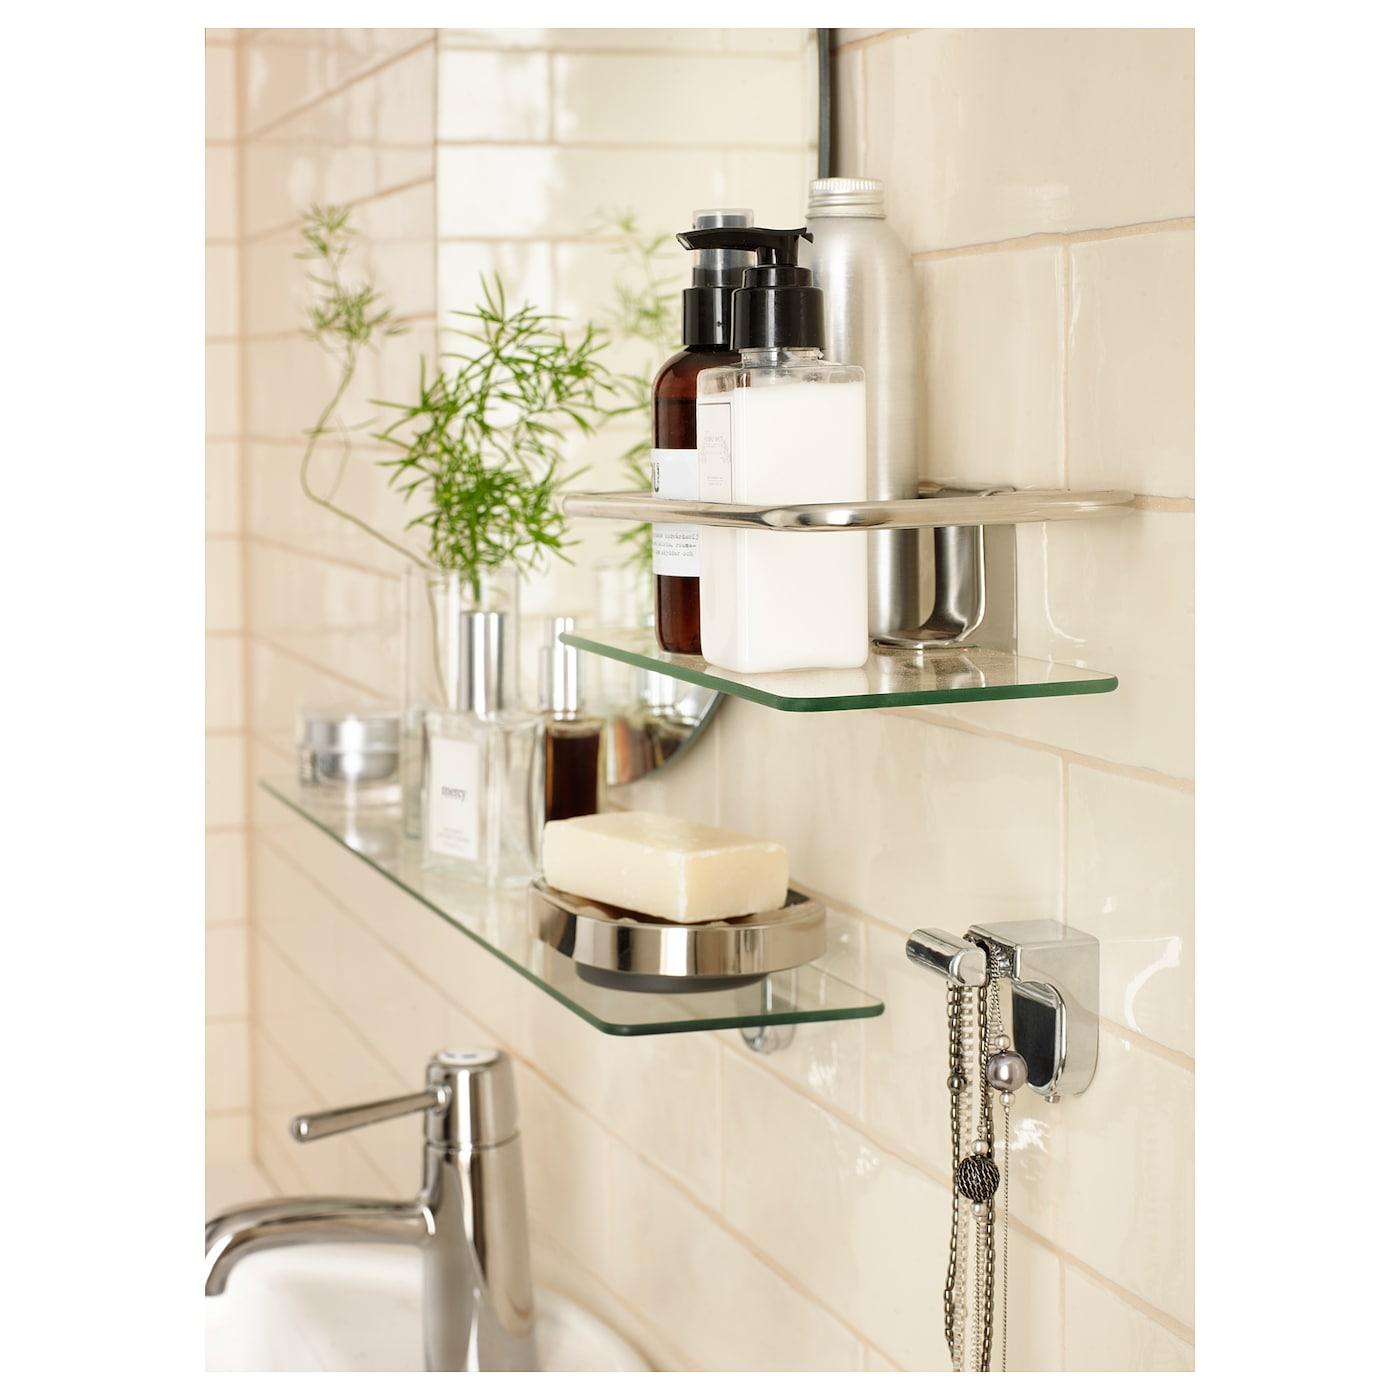 Kalkgrund Glass Shelf 24 5 8x4 3 8 Ikea